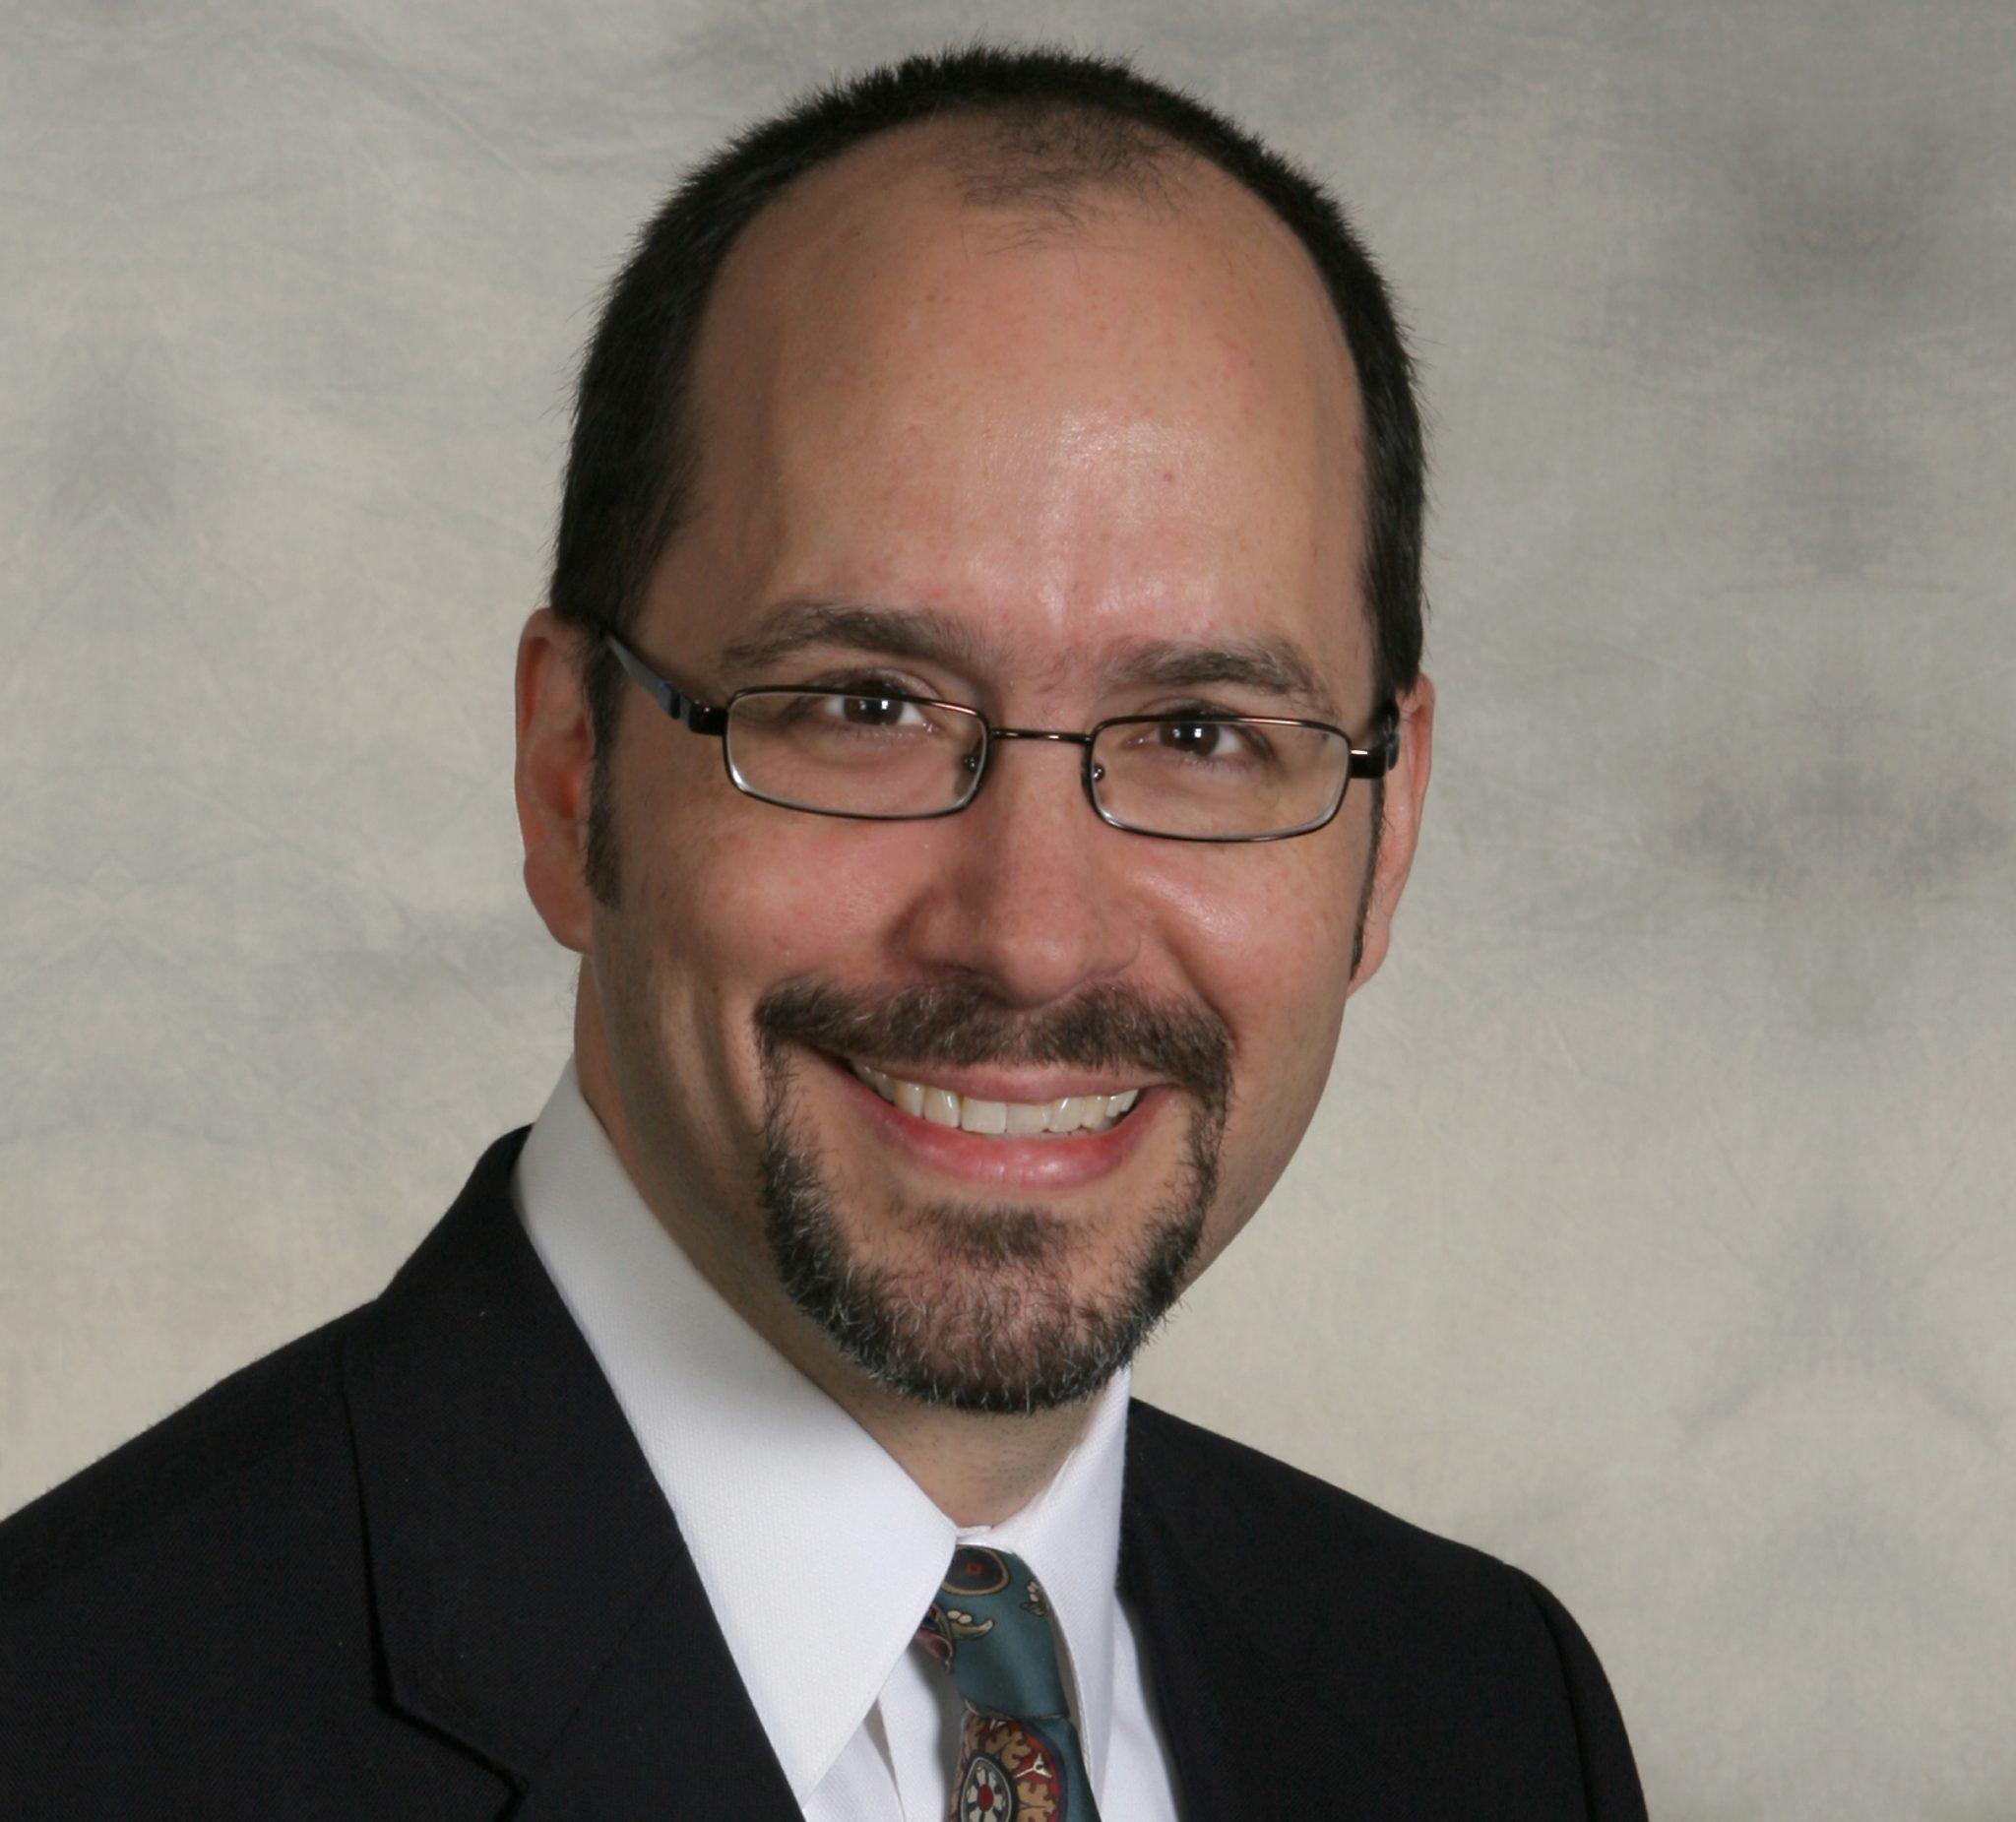 Doug Rabuzzi Headshot